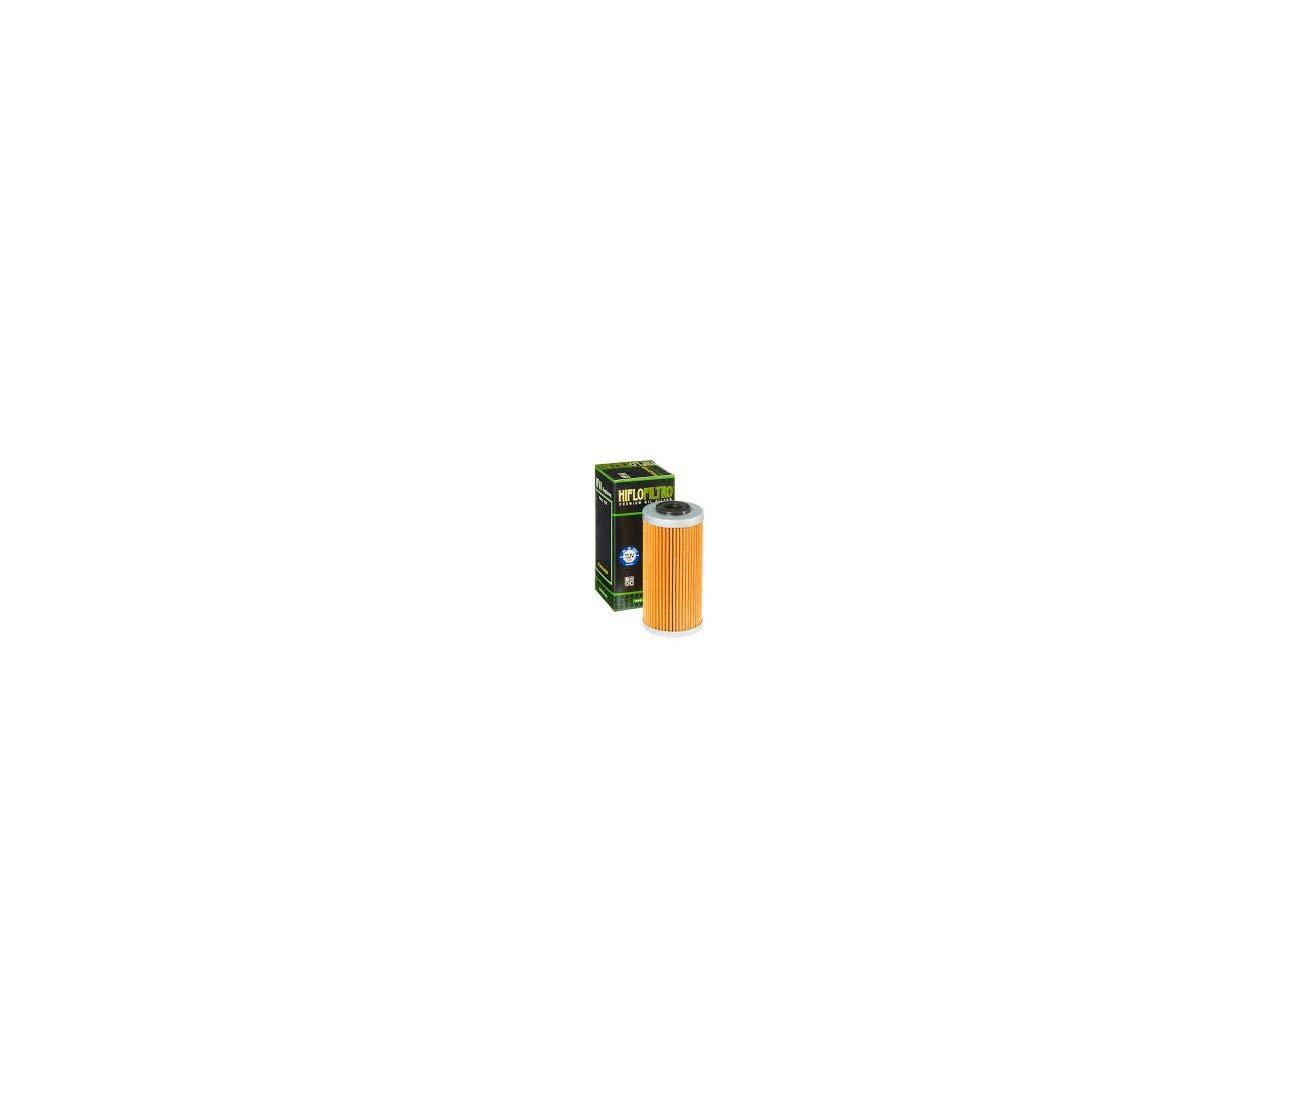 Filtro de aceite HF611 para Sherco SE 2.5i 3.0i 4.5i 5.1i-F Autre 68892